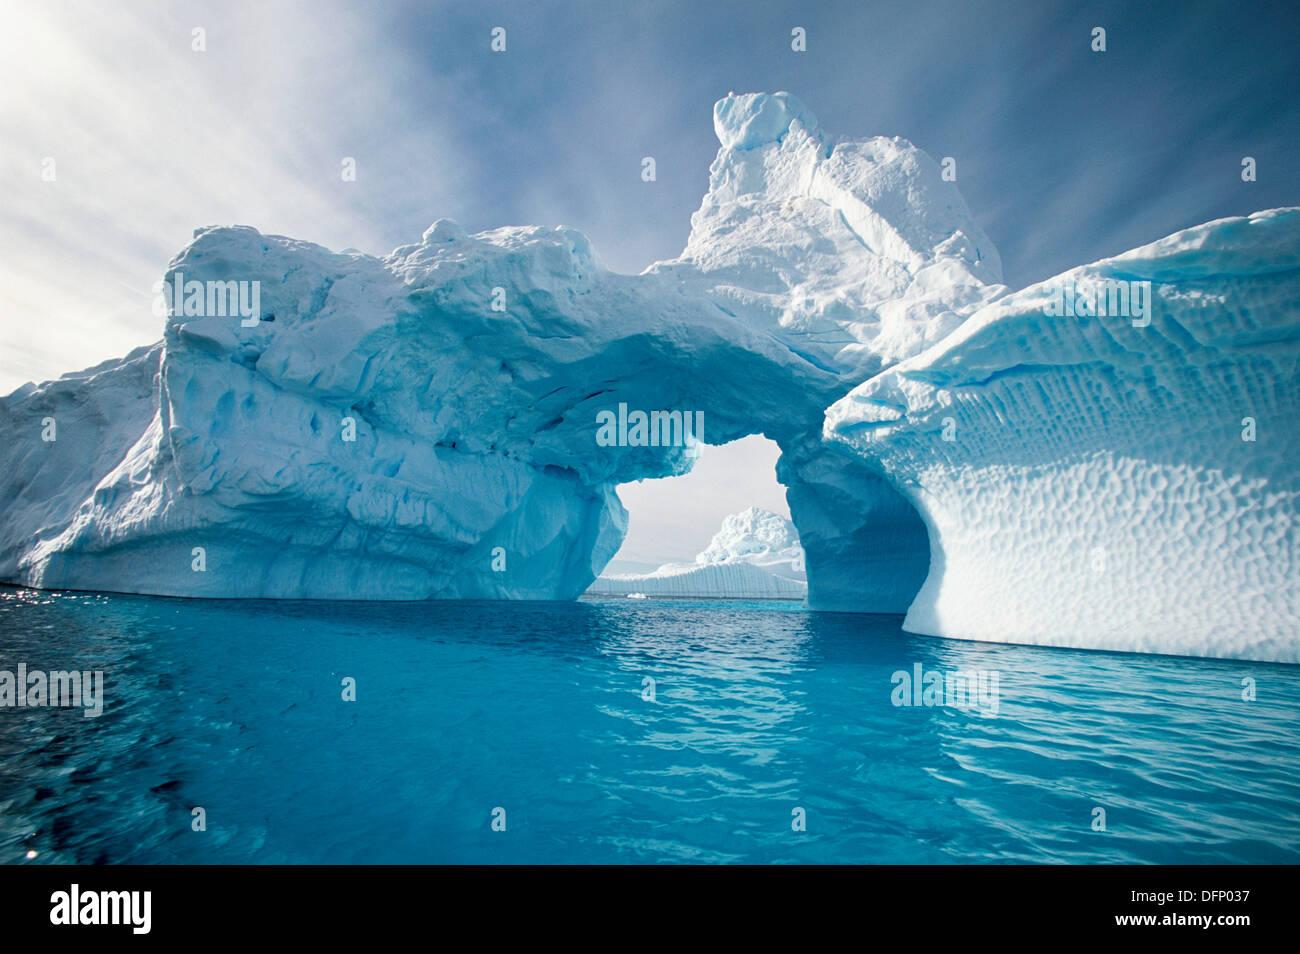 Iceberg in Andvord Bay. Antartica - Stock Image